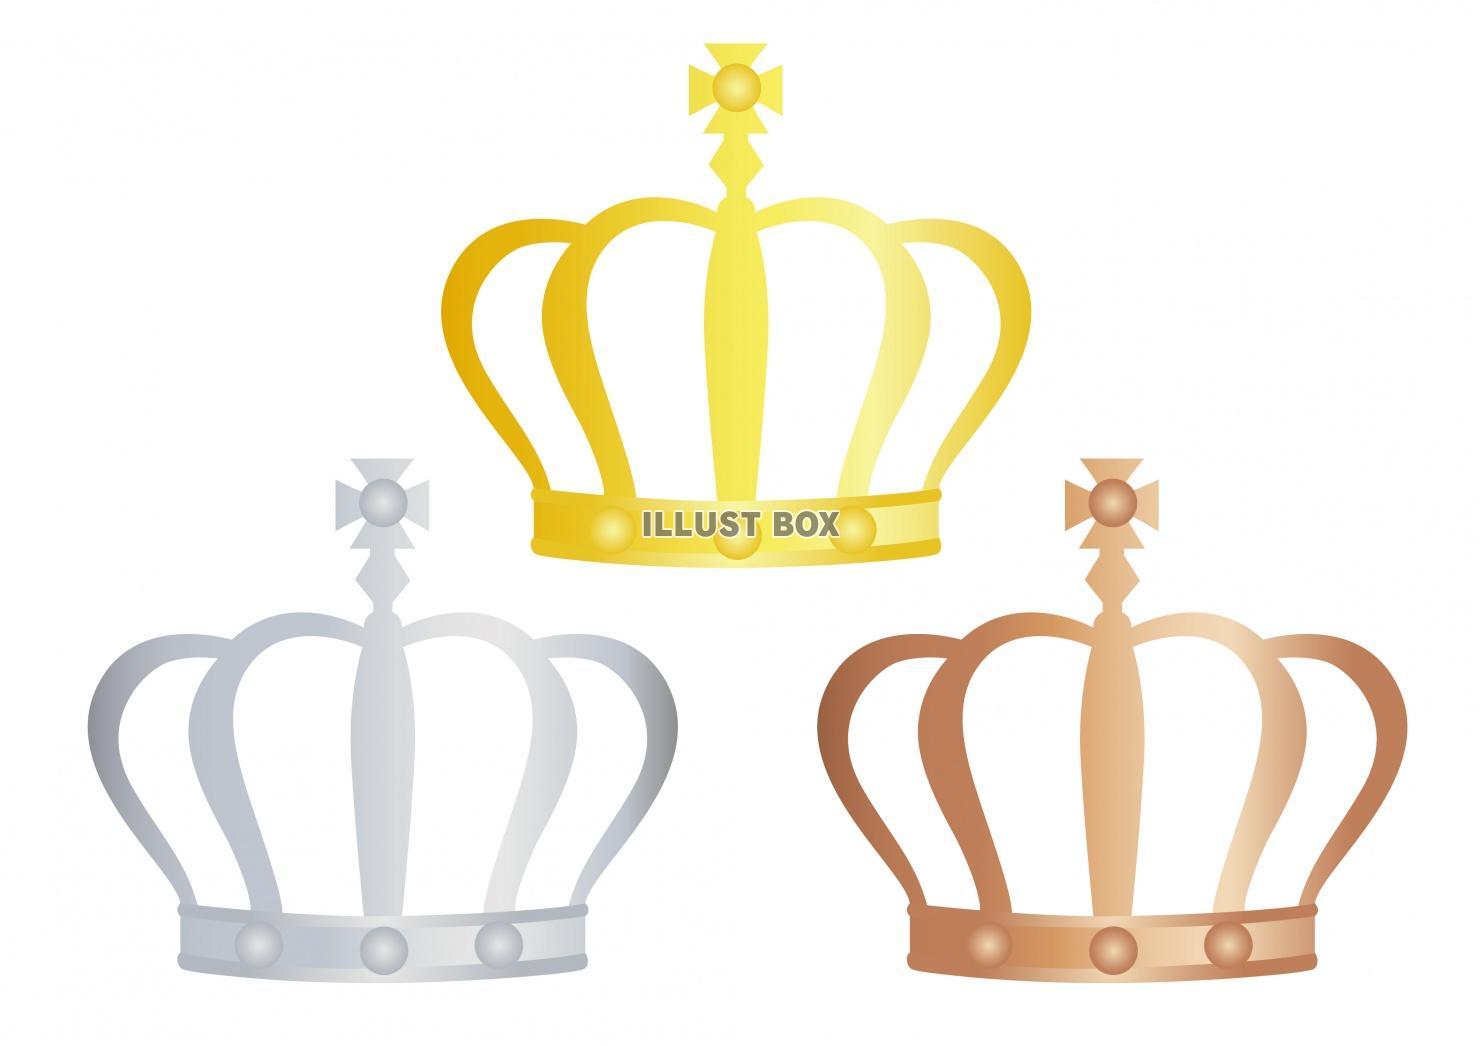 無料イラスト ランキングイラスト 王冠